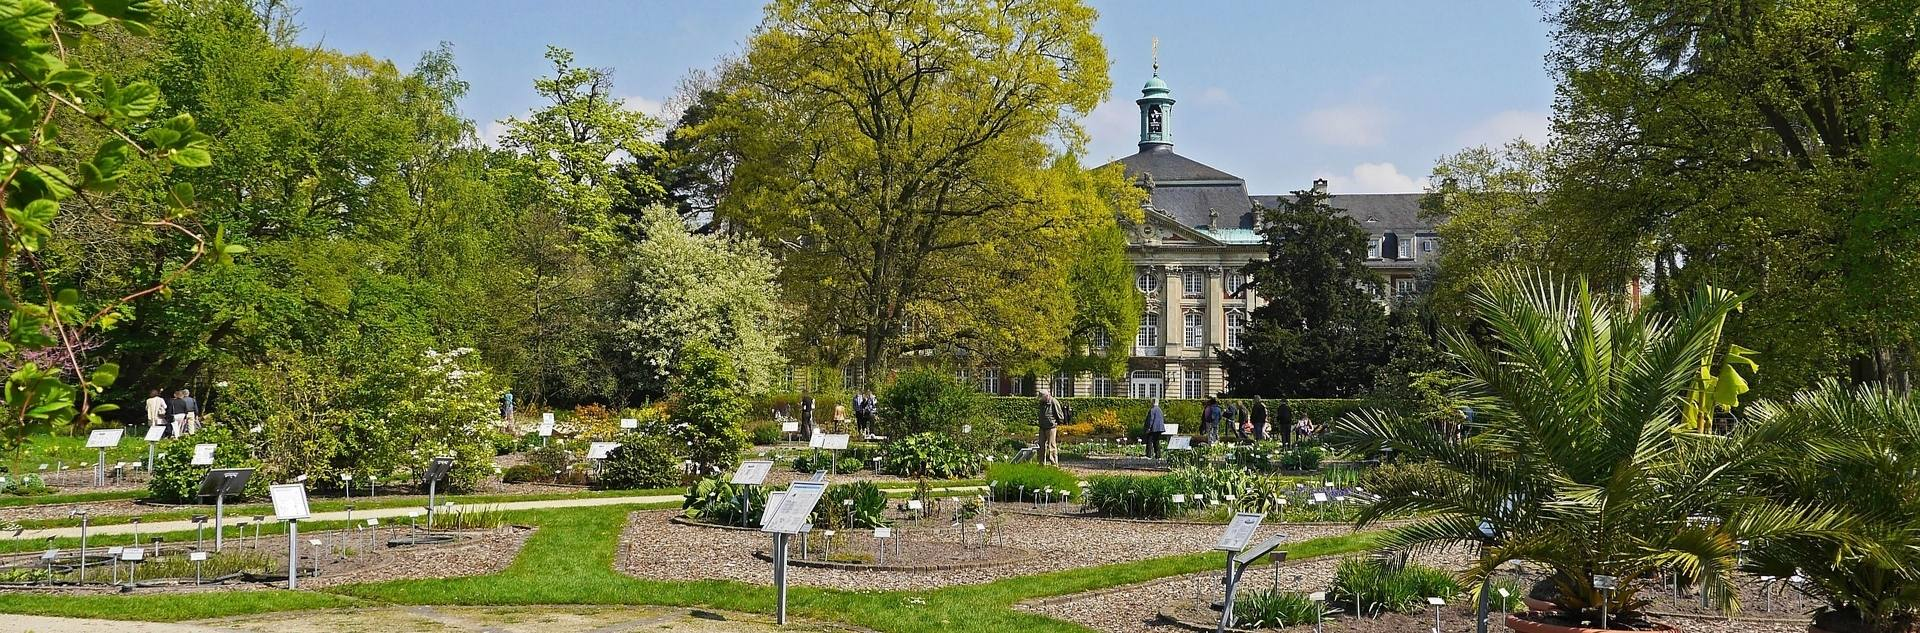 Botanischer Garten in Münster Westfalen